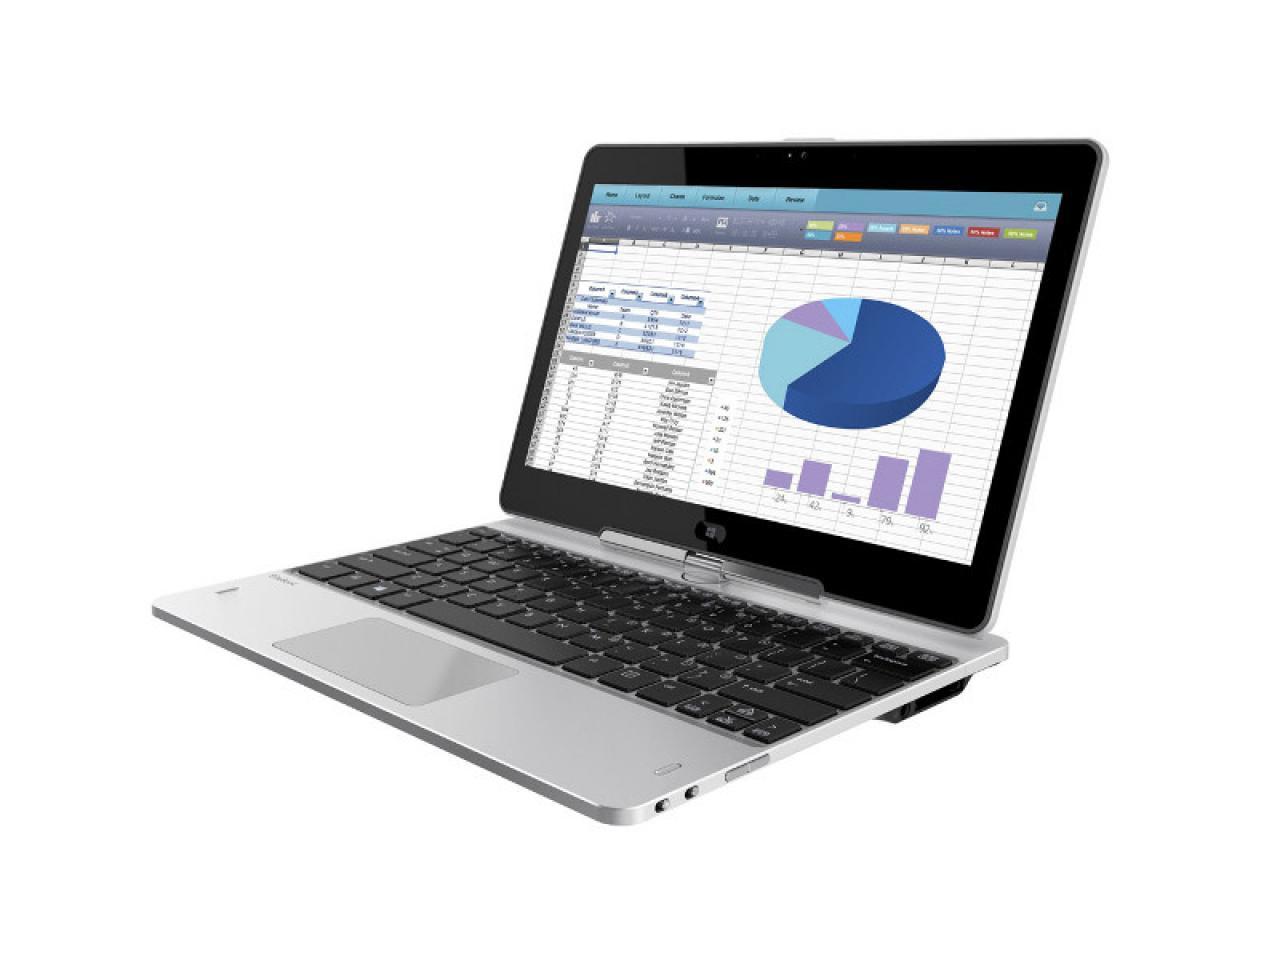 Hewlett Packard EliteBook 810 G3 Revolve  - shop.bb-net.de